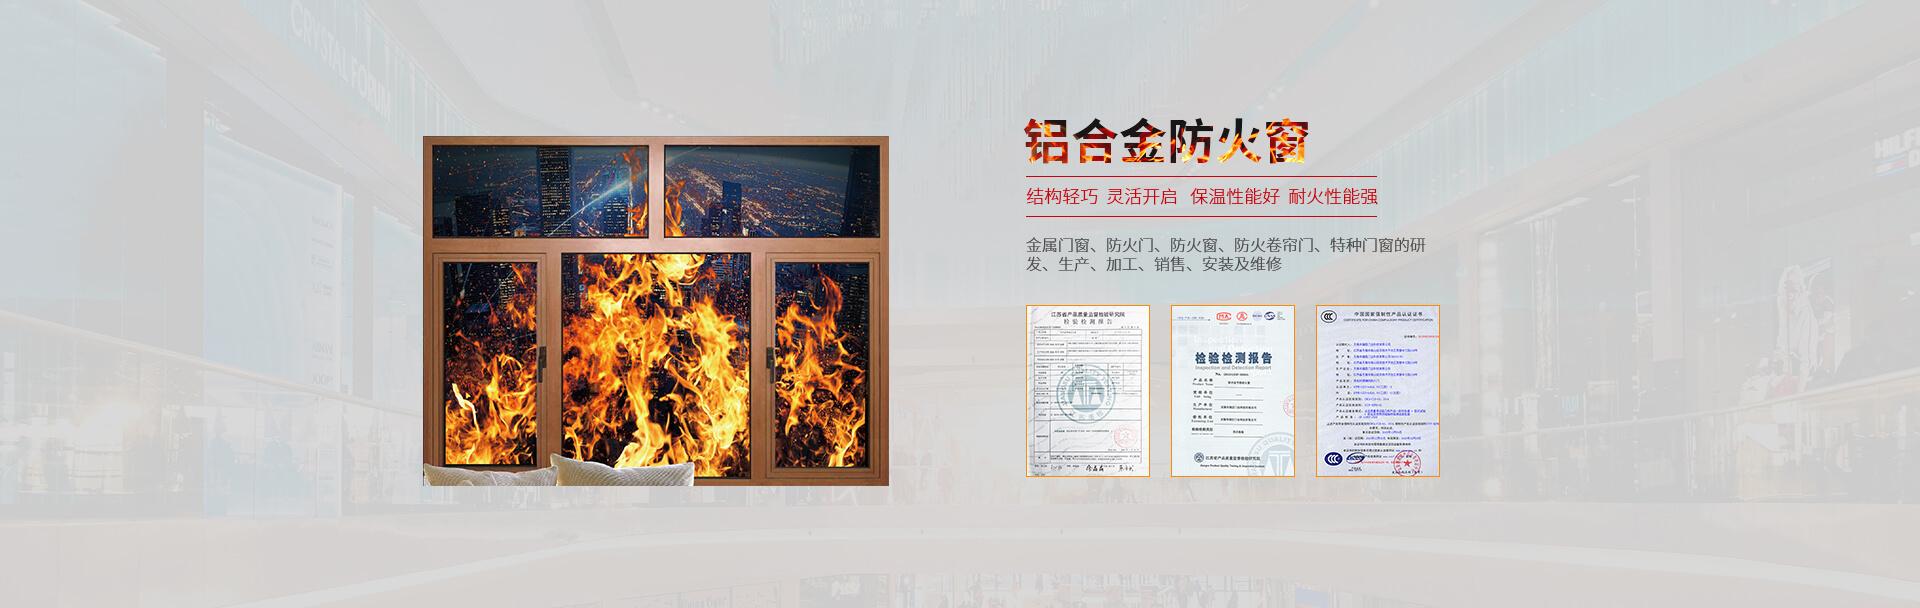 防火门生产厂家